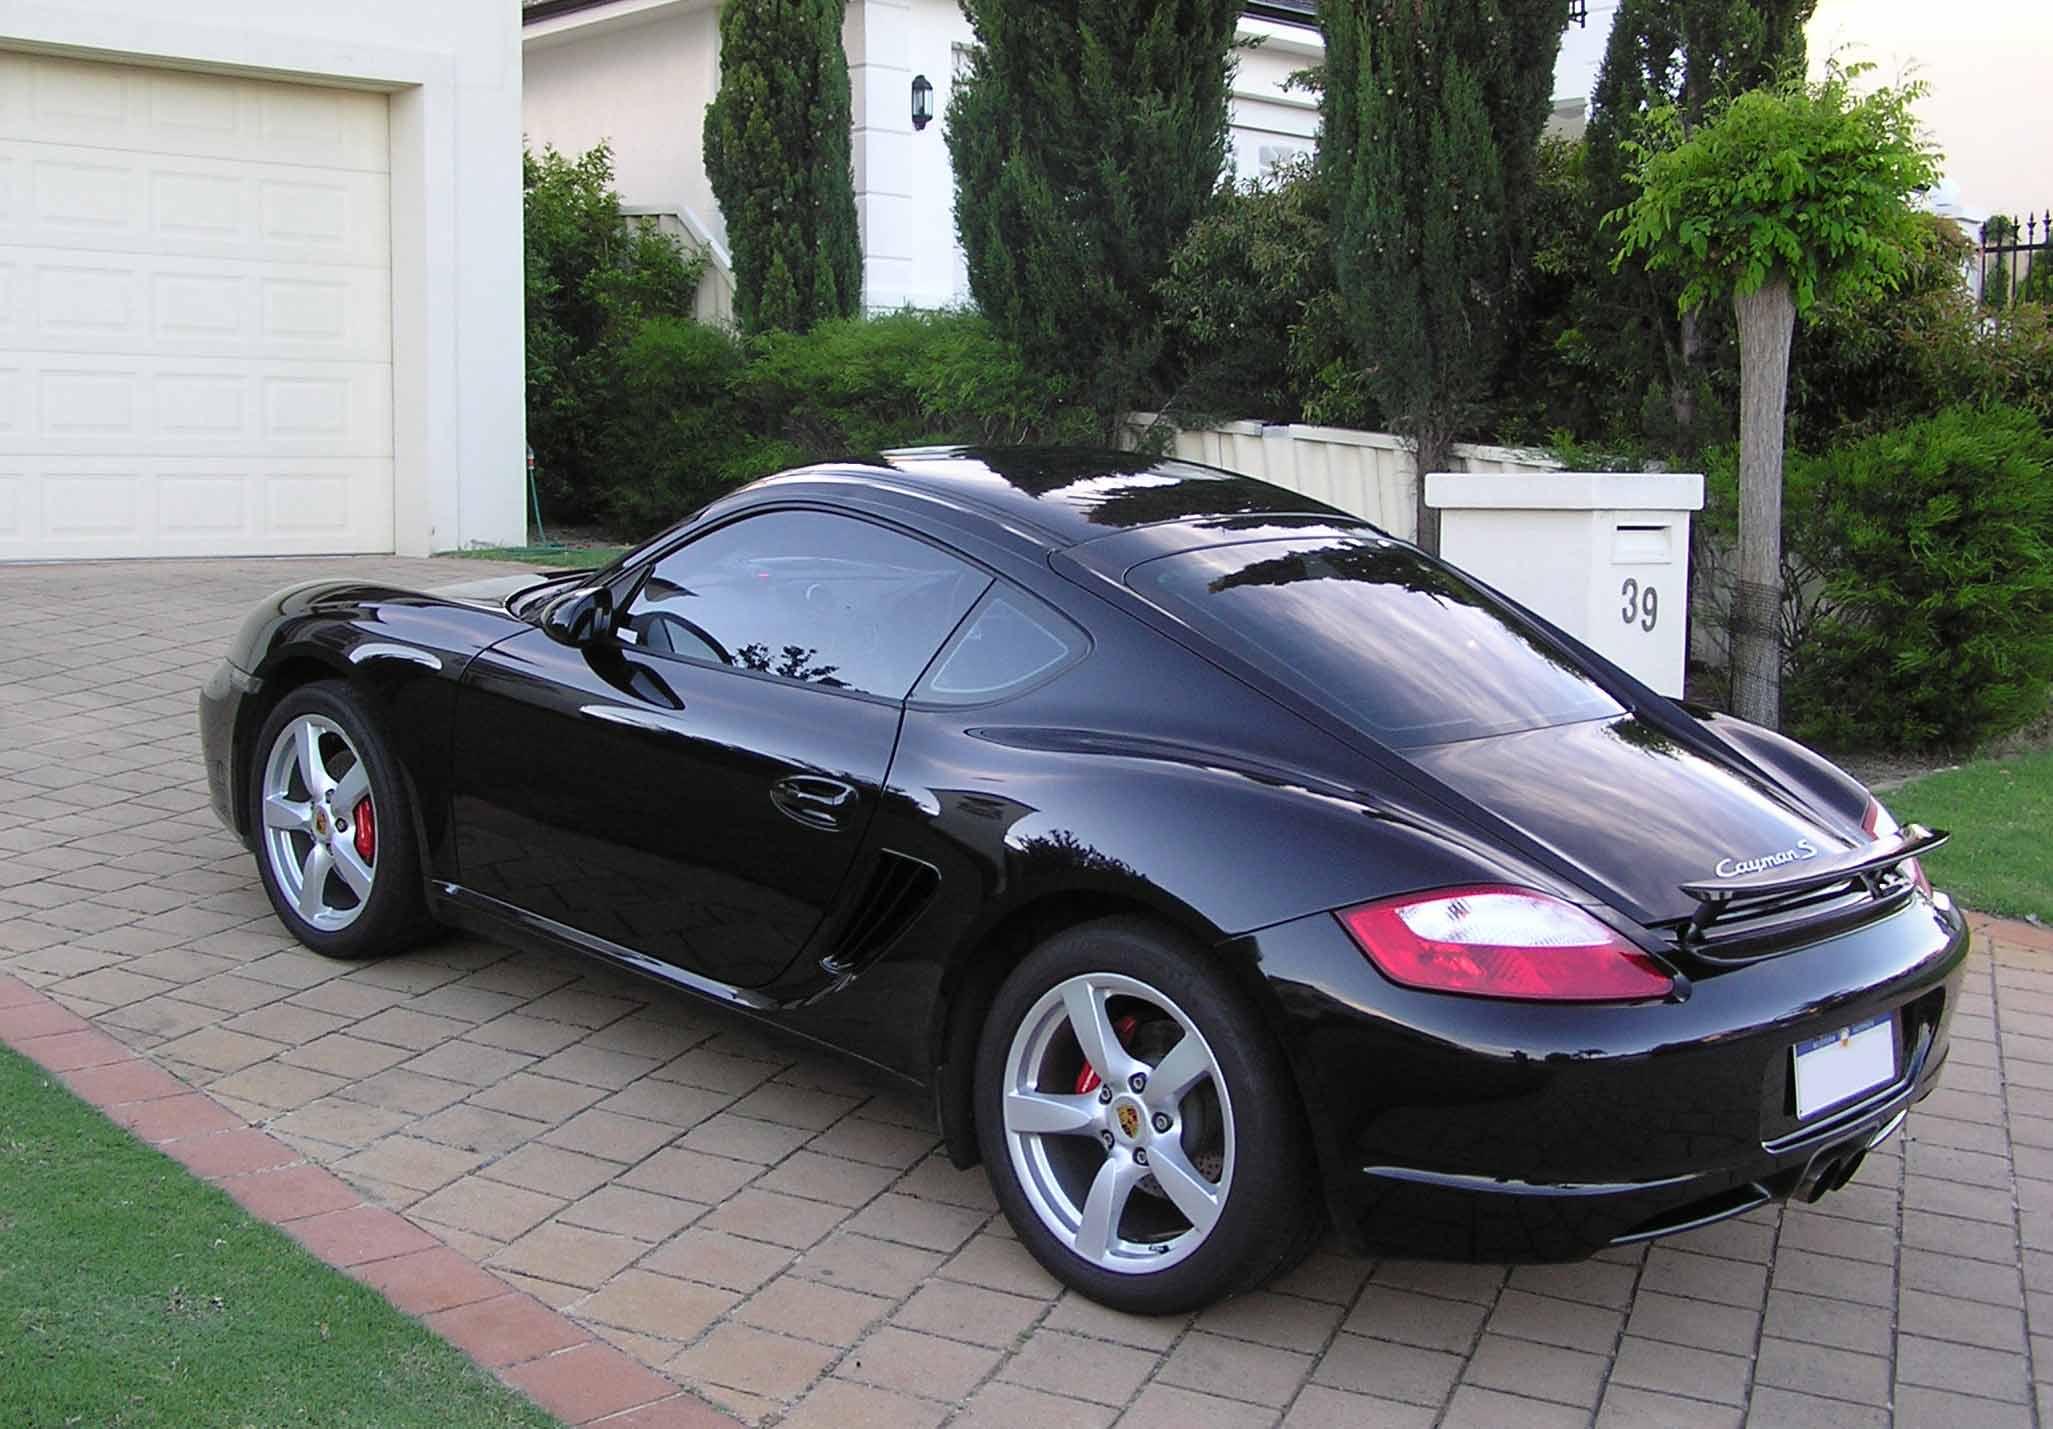 Corvette M3 Porsche Or S2000